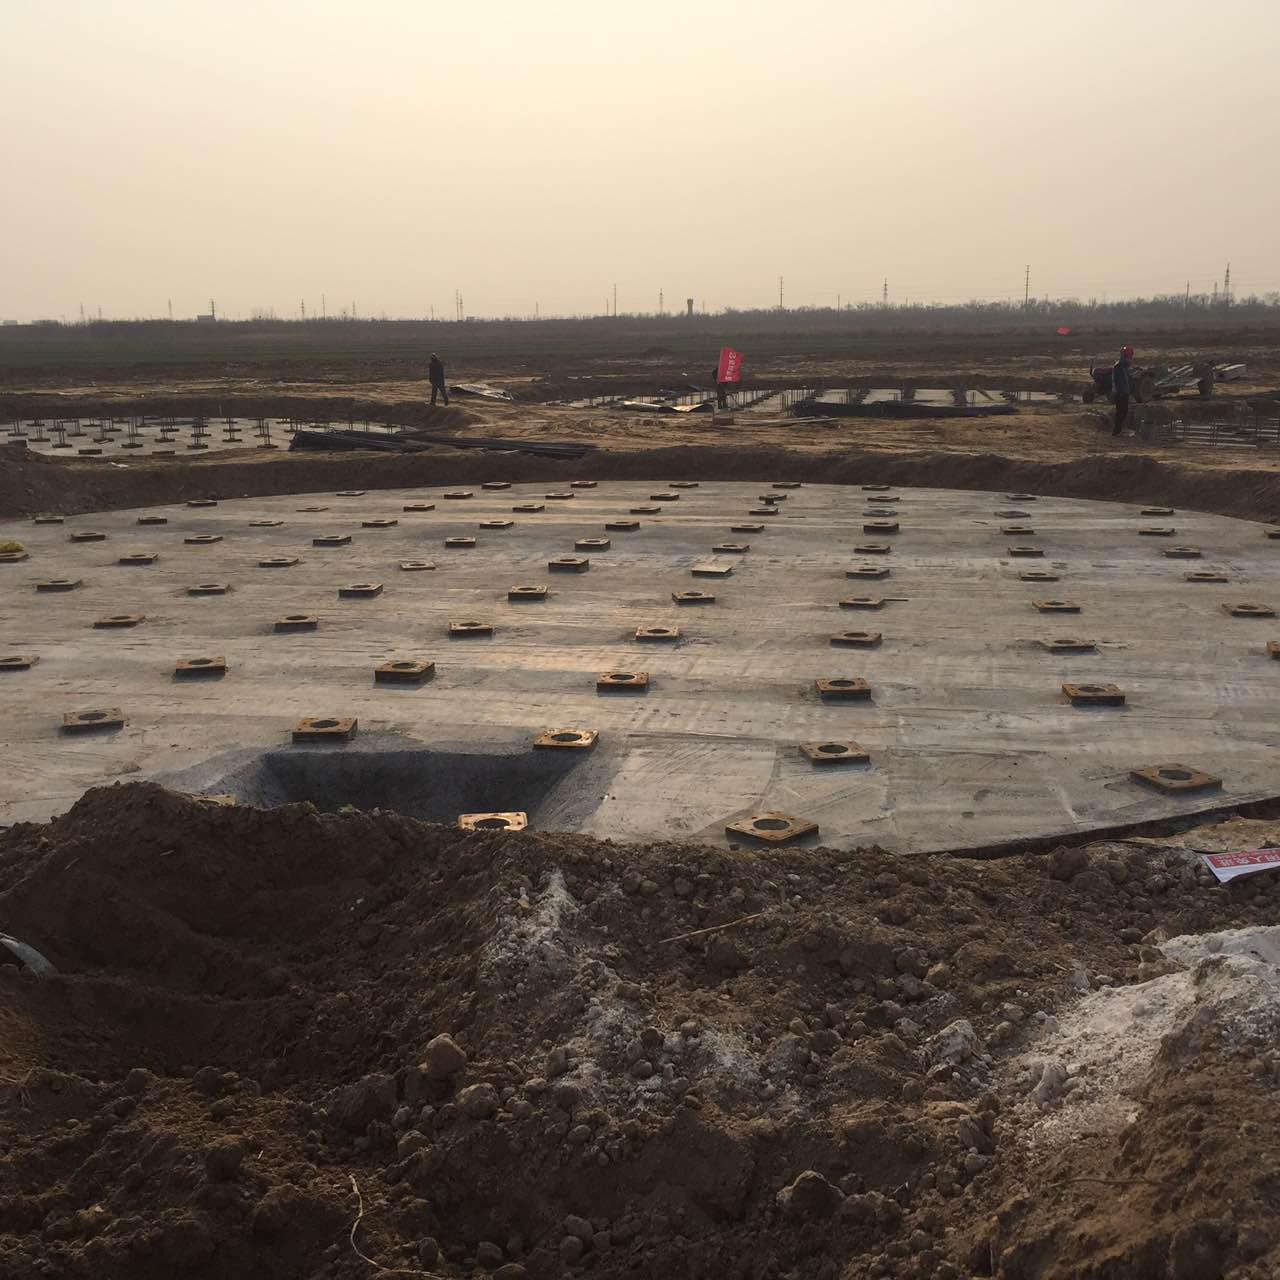 中裕食品厌氧罐桩基工程